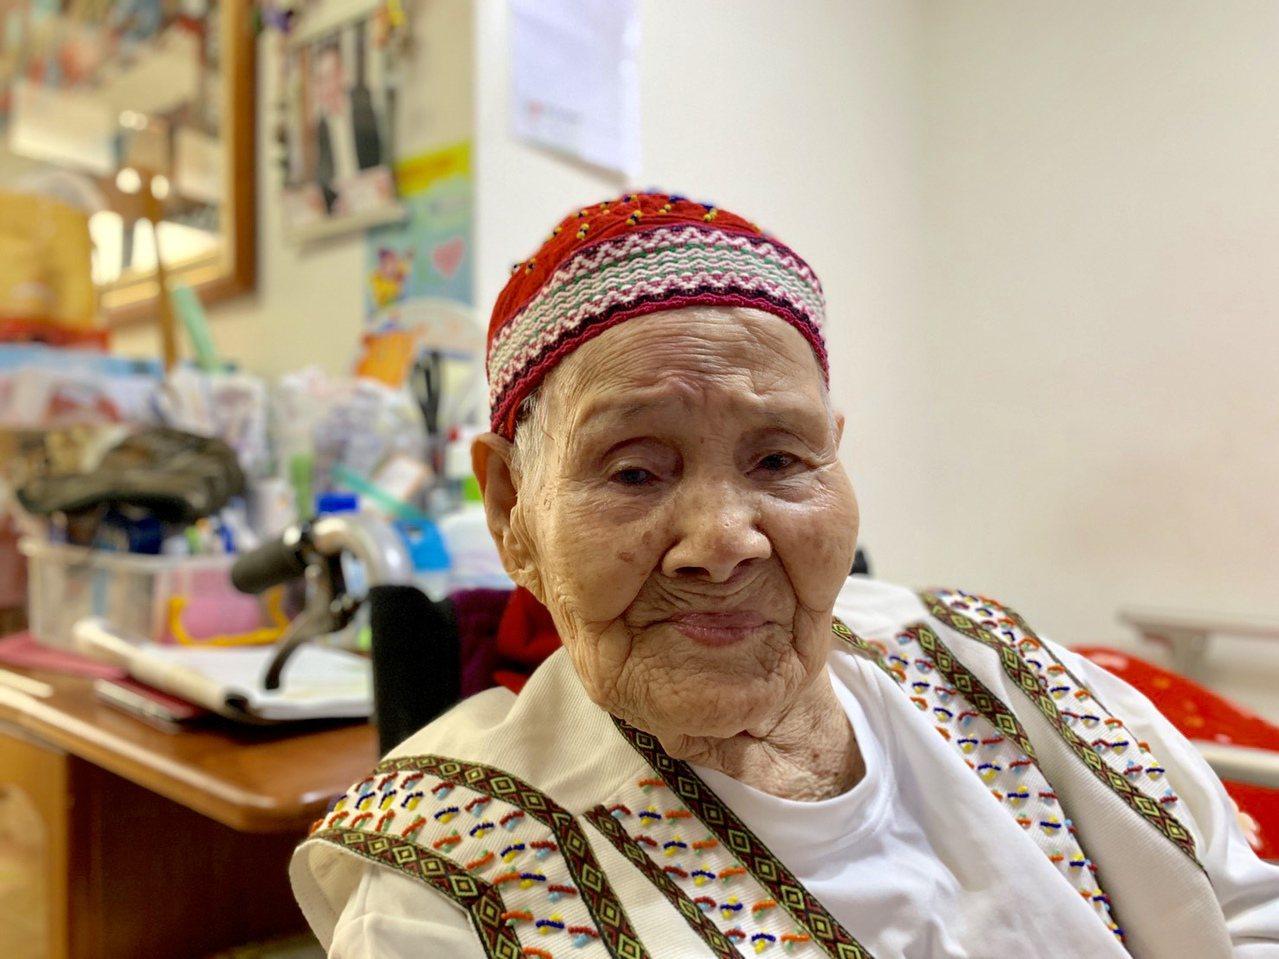 現年98歲的賽德克族人林智妹,實際上已經破百歲,額頭上的文面曾被日人刮除,也因為...